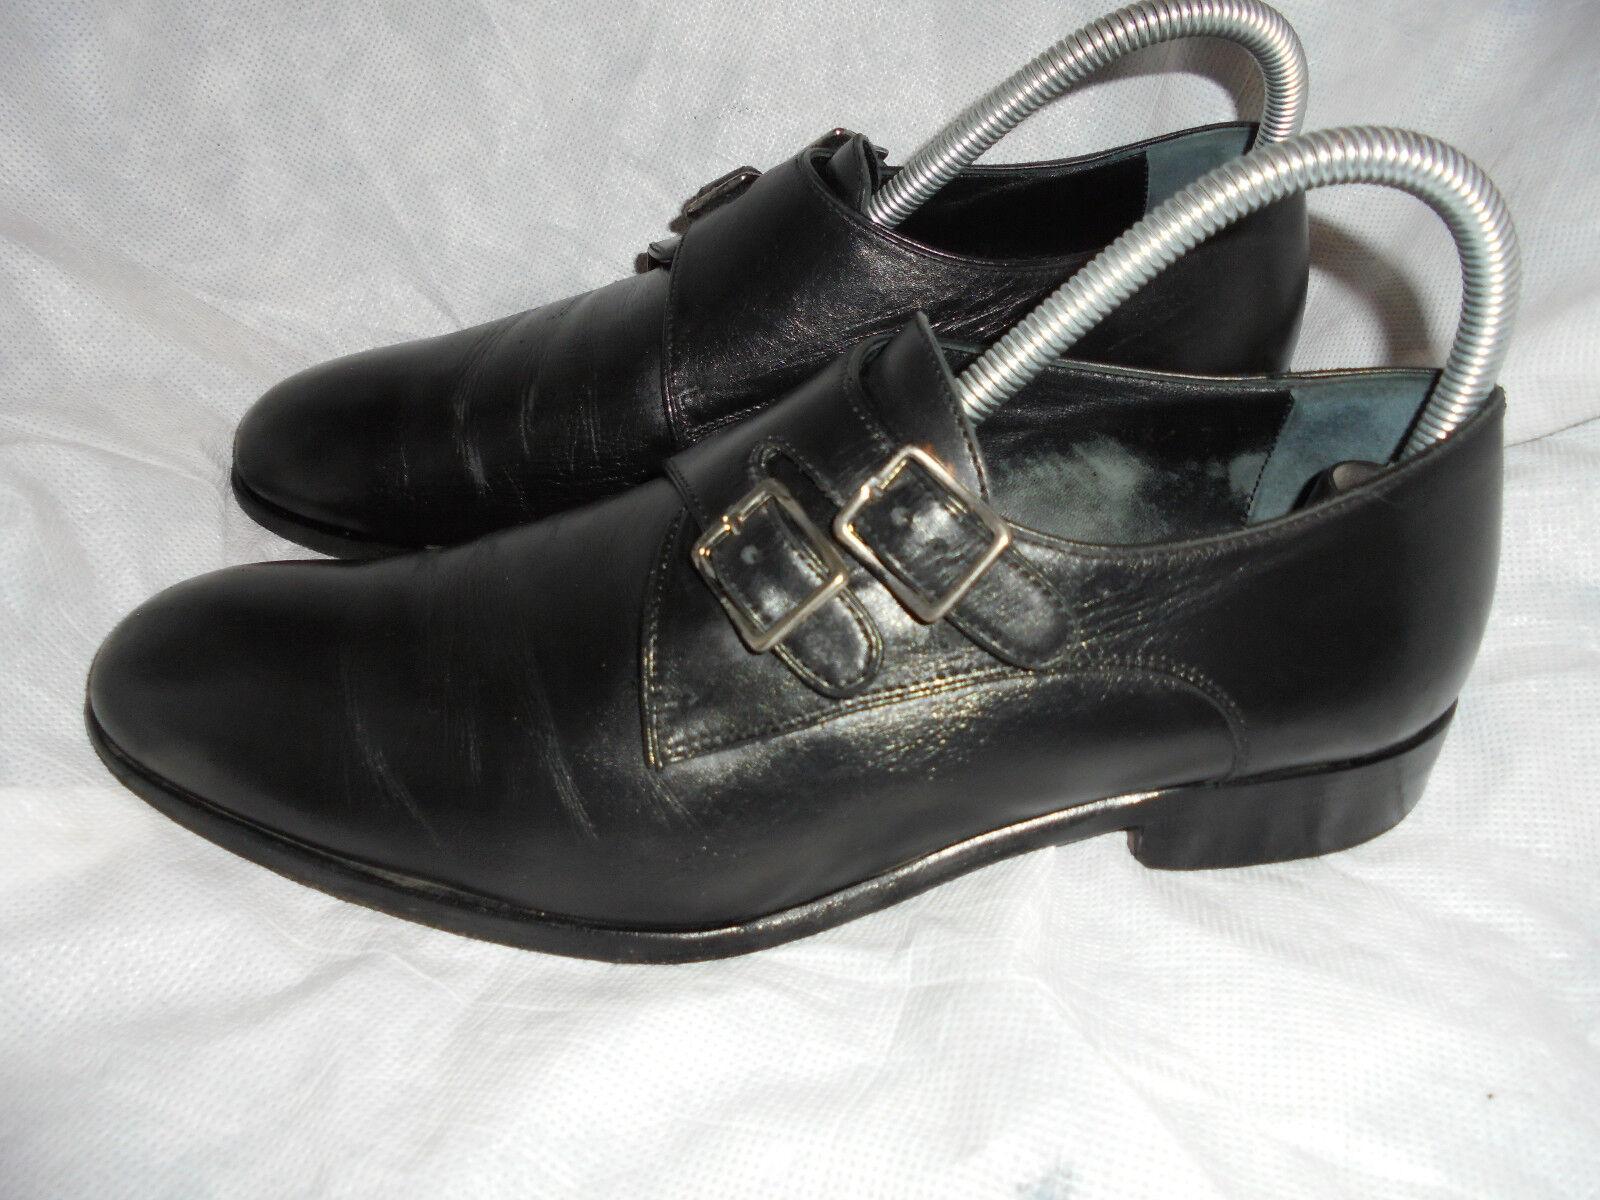 Señor liebre Hombre Cuero Negro Doble Monje Correa Zapatos Talla Uk 7 EU 41 en muy buena condición